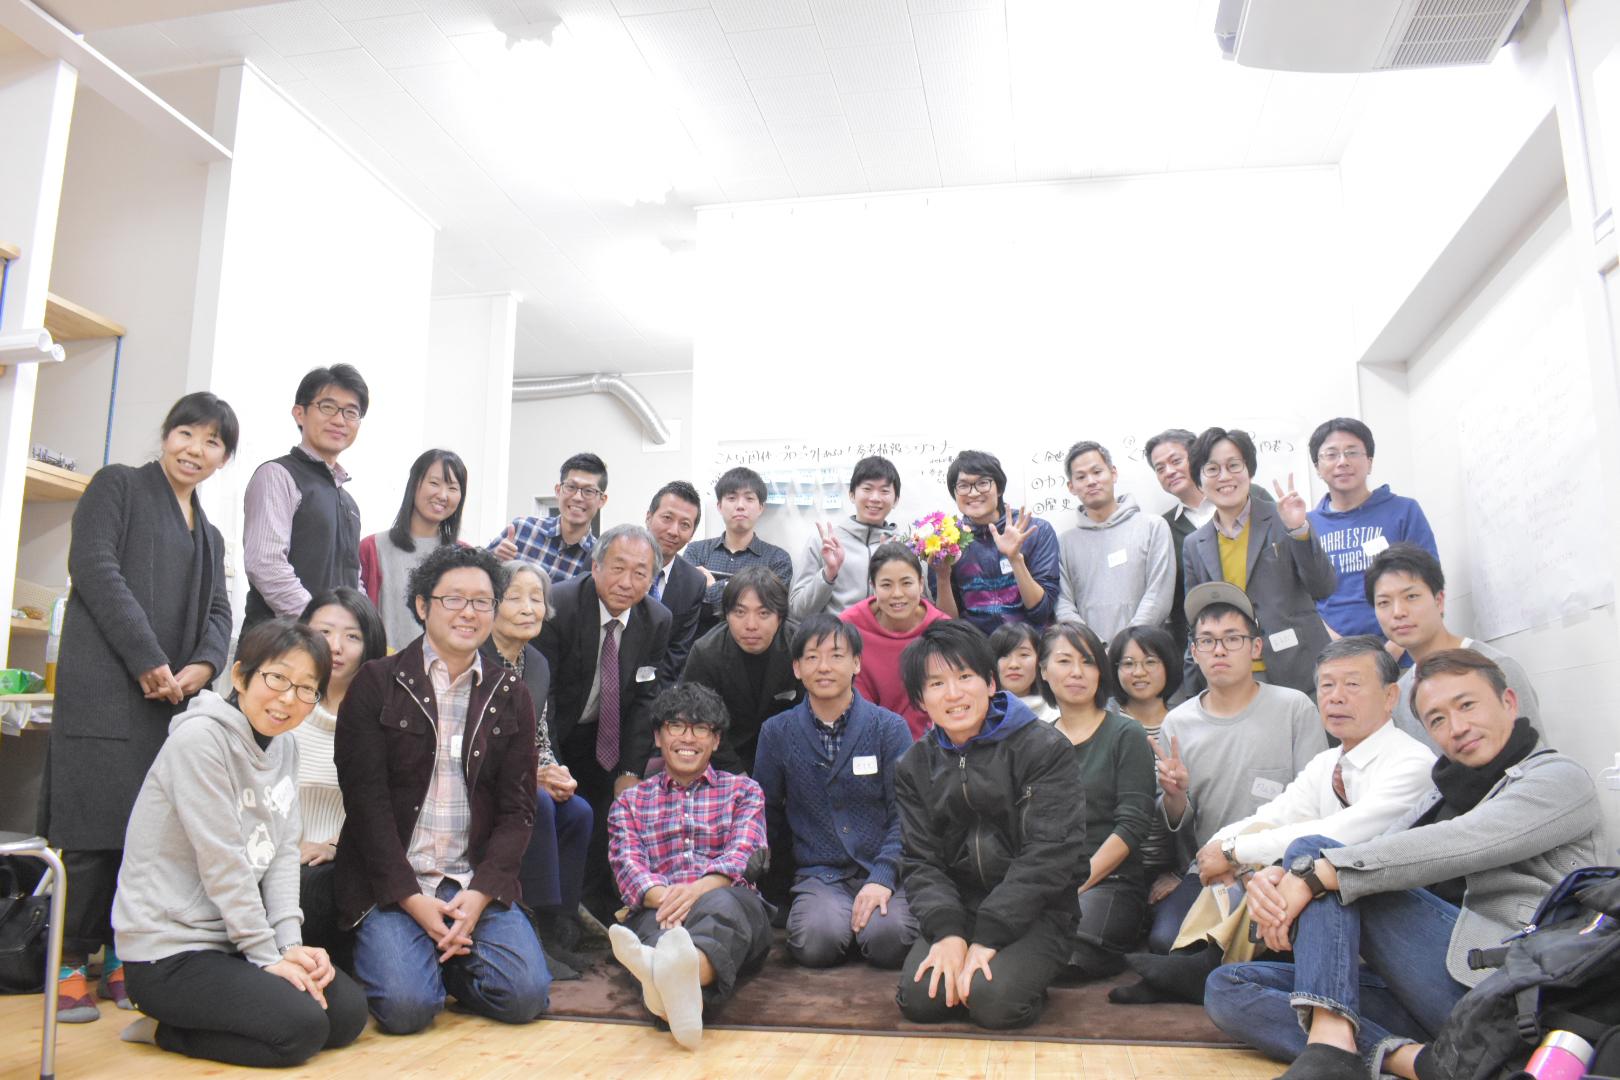 「行きたくなる薬局を作るオープン会議」の参加者たち